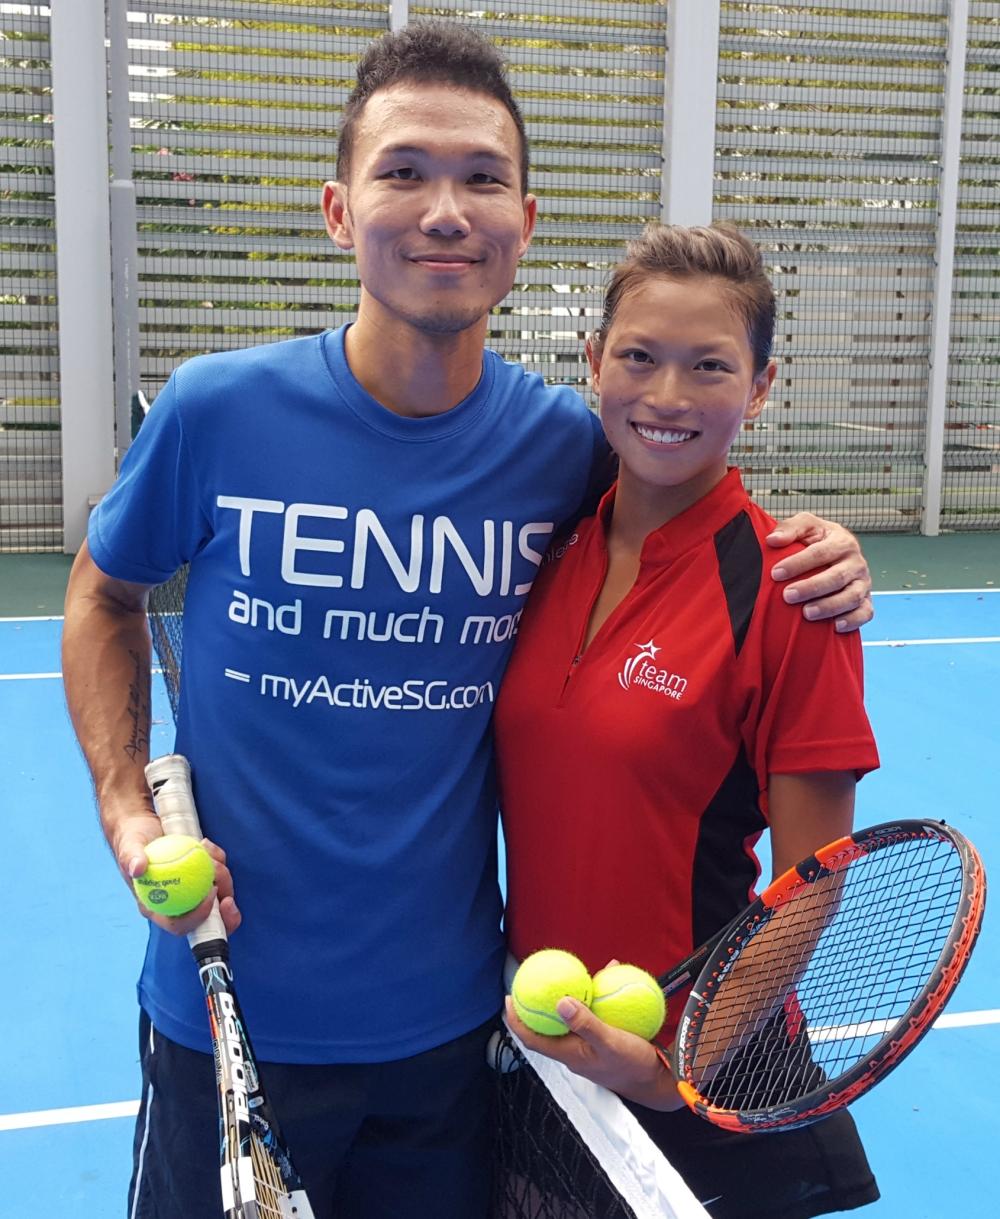 JY7 and Stefanie Tan.jpg